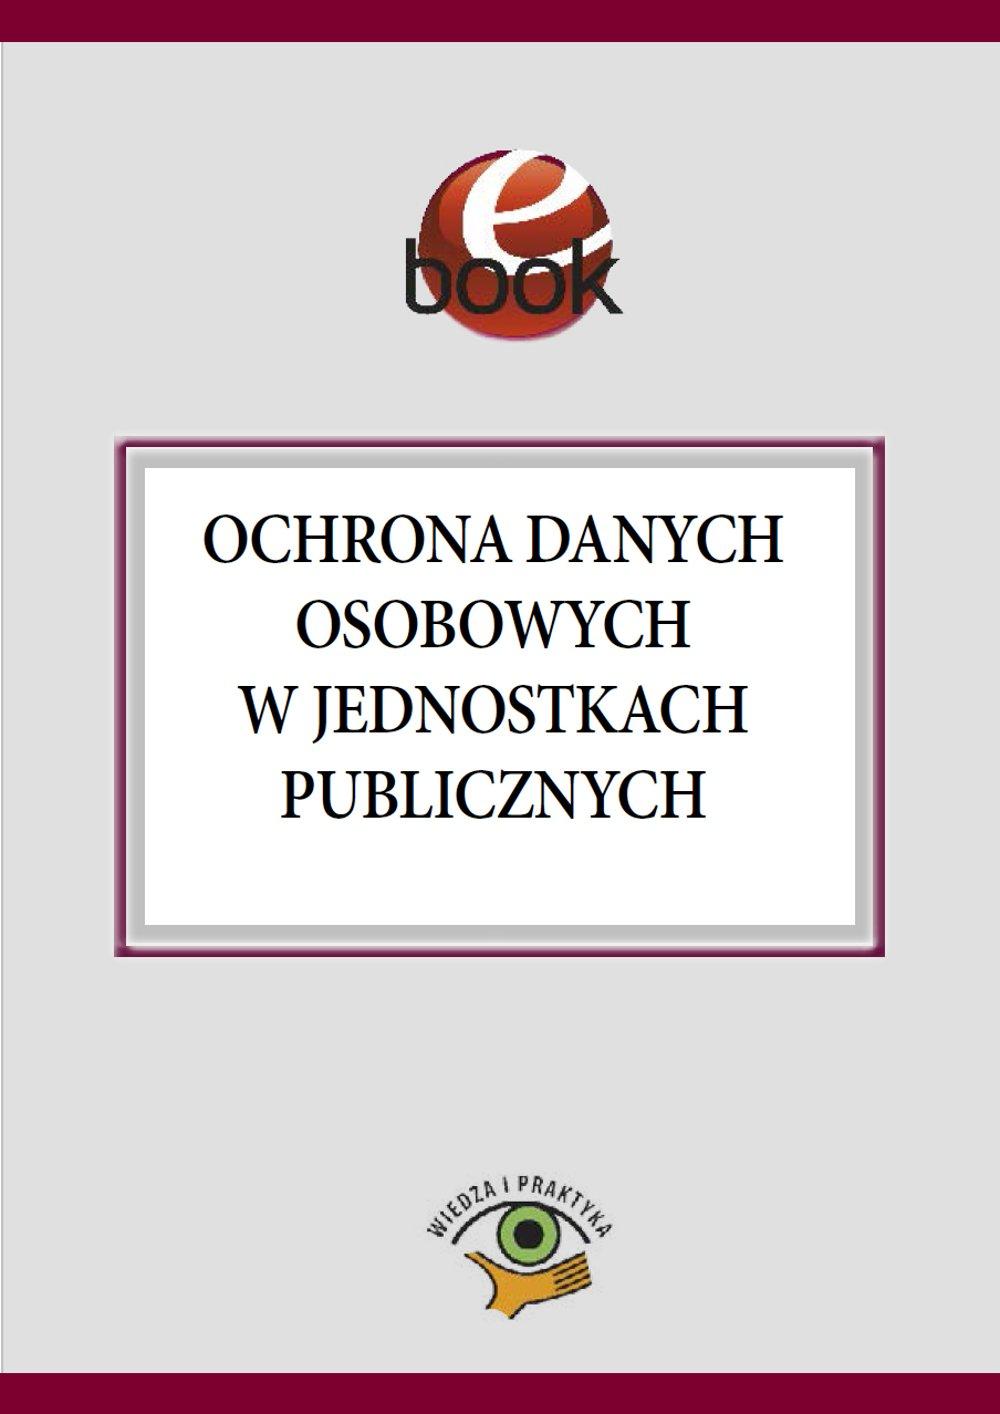 Ochrona danych osobowych w jednostkach publicznych - Ebook (Książka PDF) do pobrania w formacie PDF